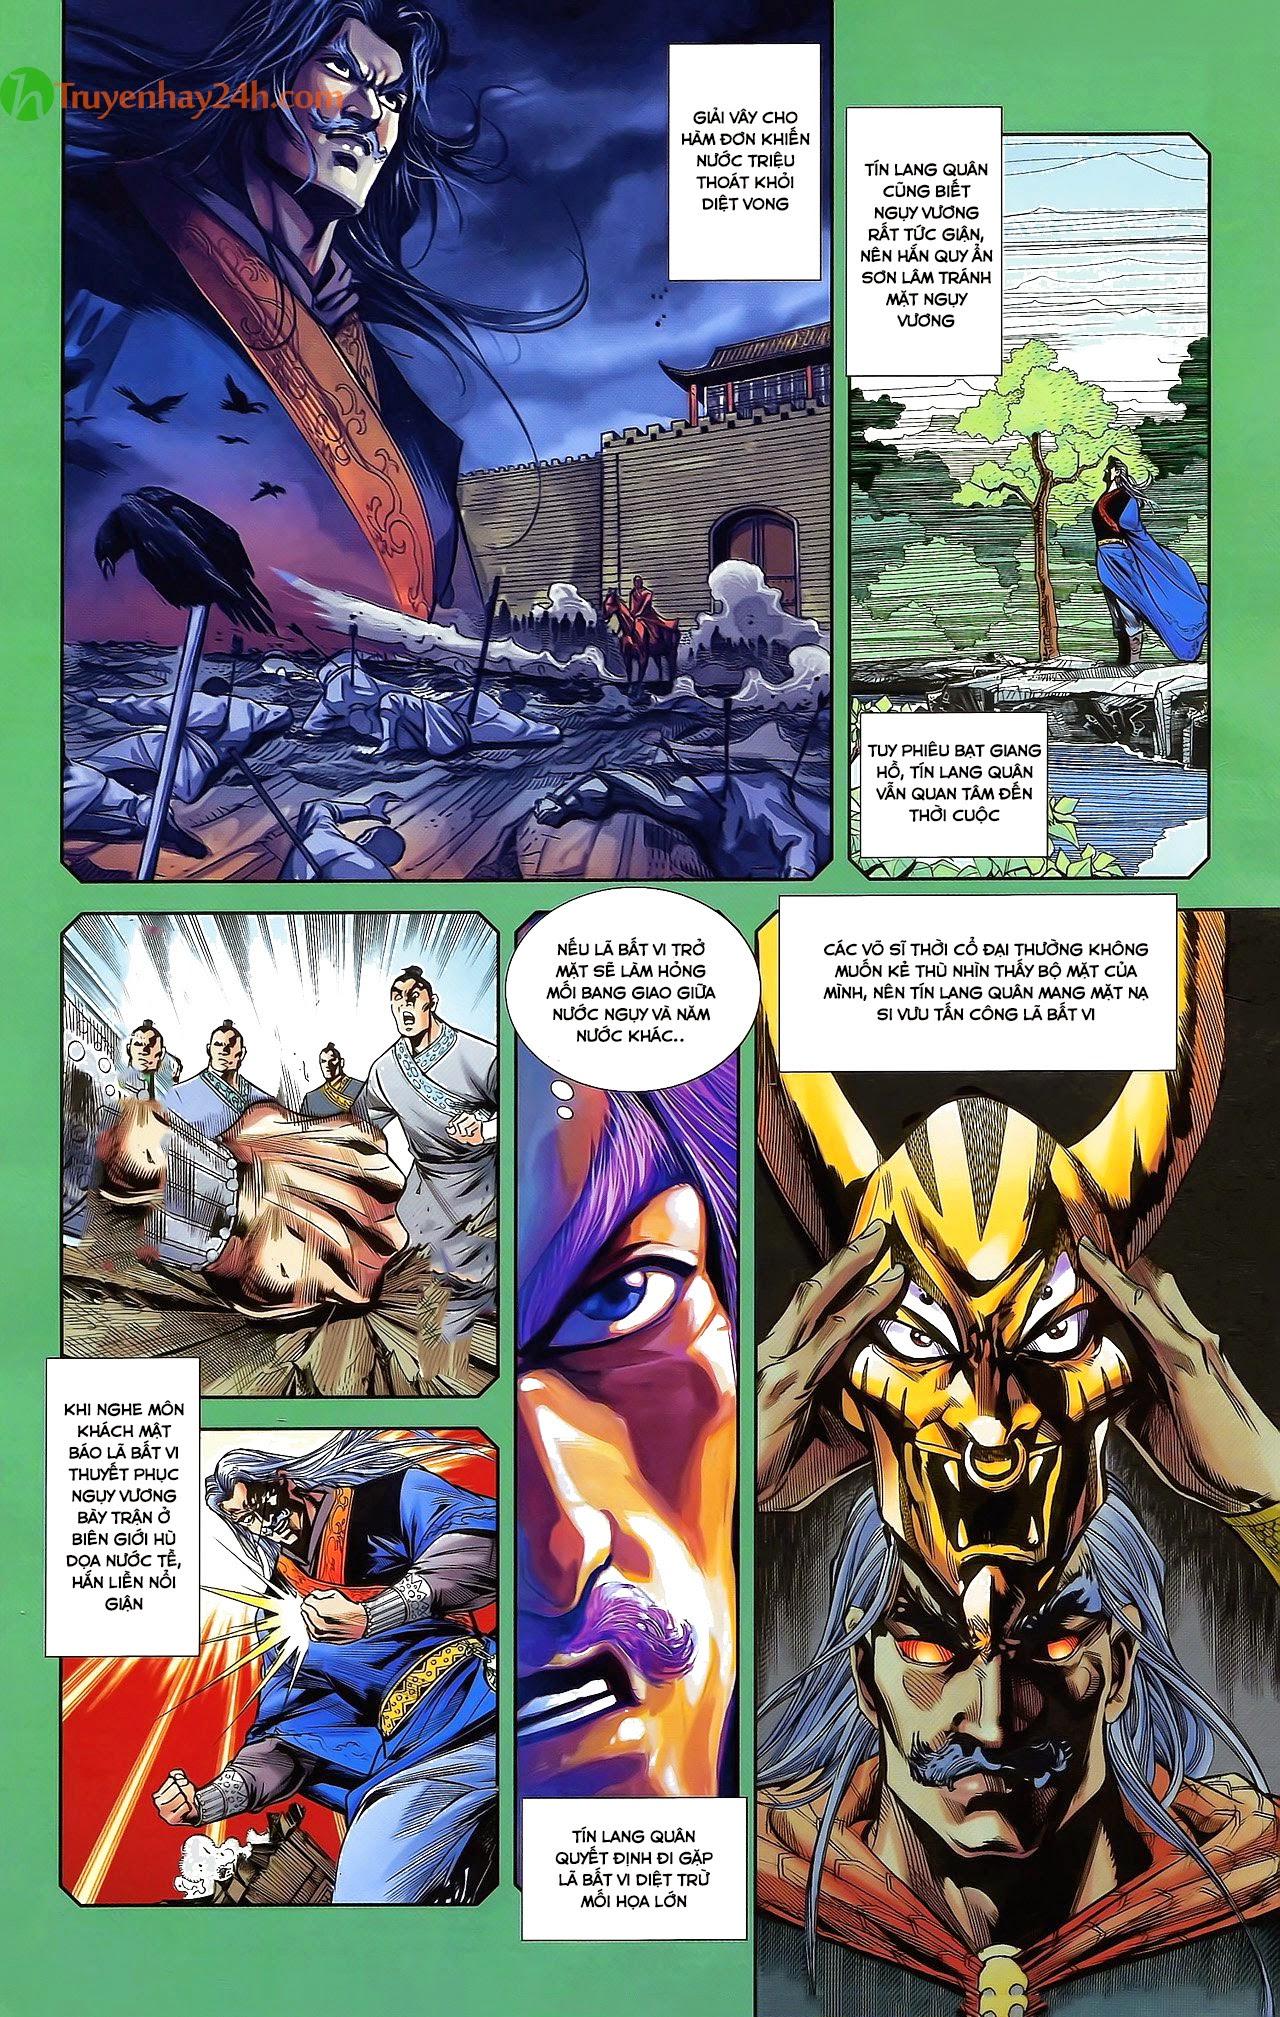 Tần Vương Doanh Chính chapter 31 trang 18